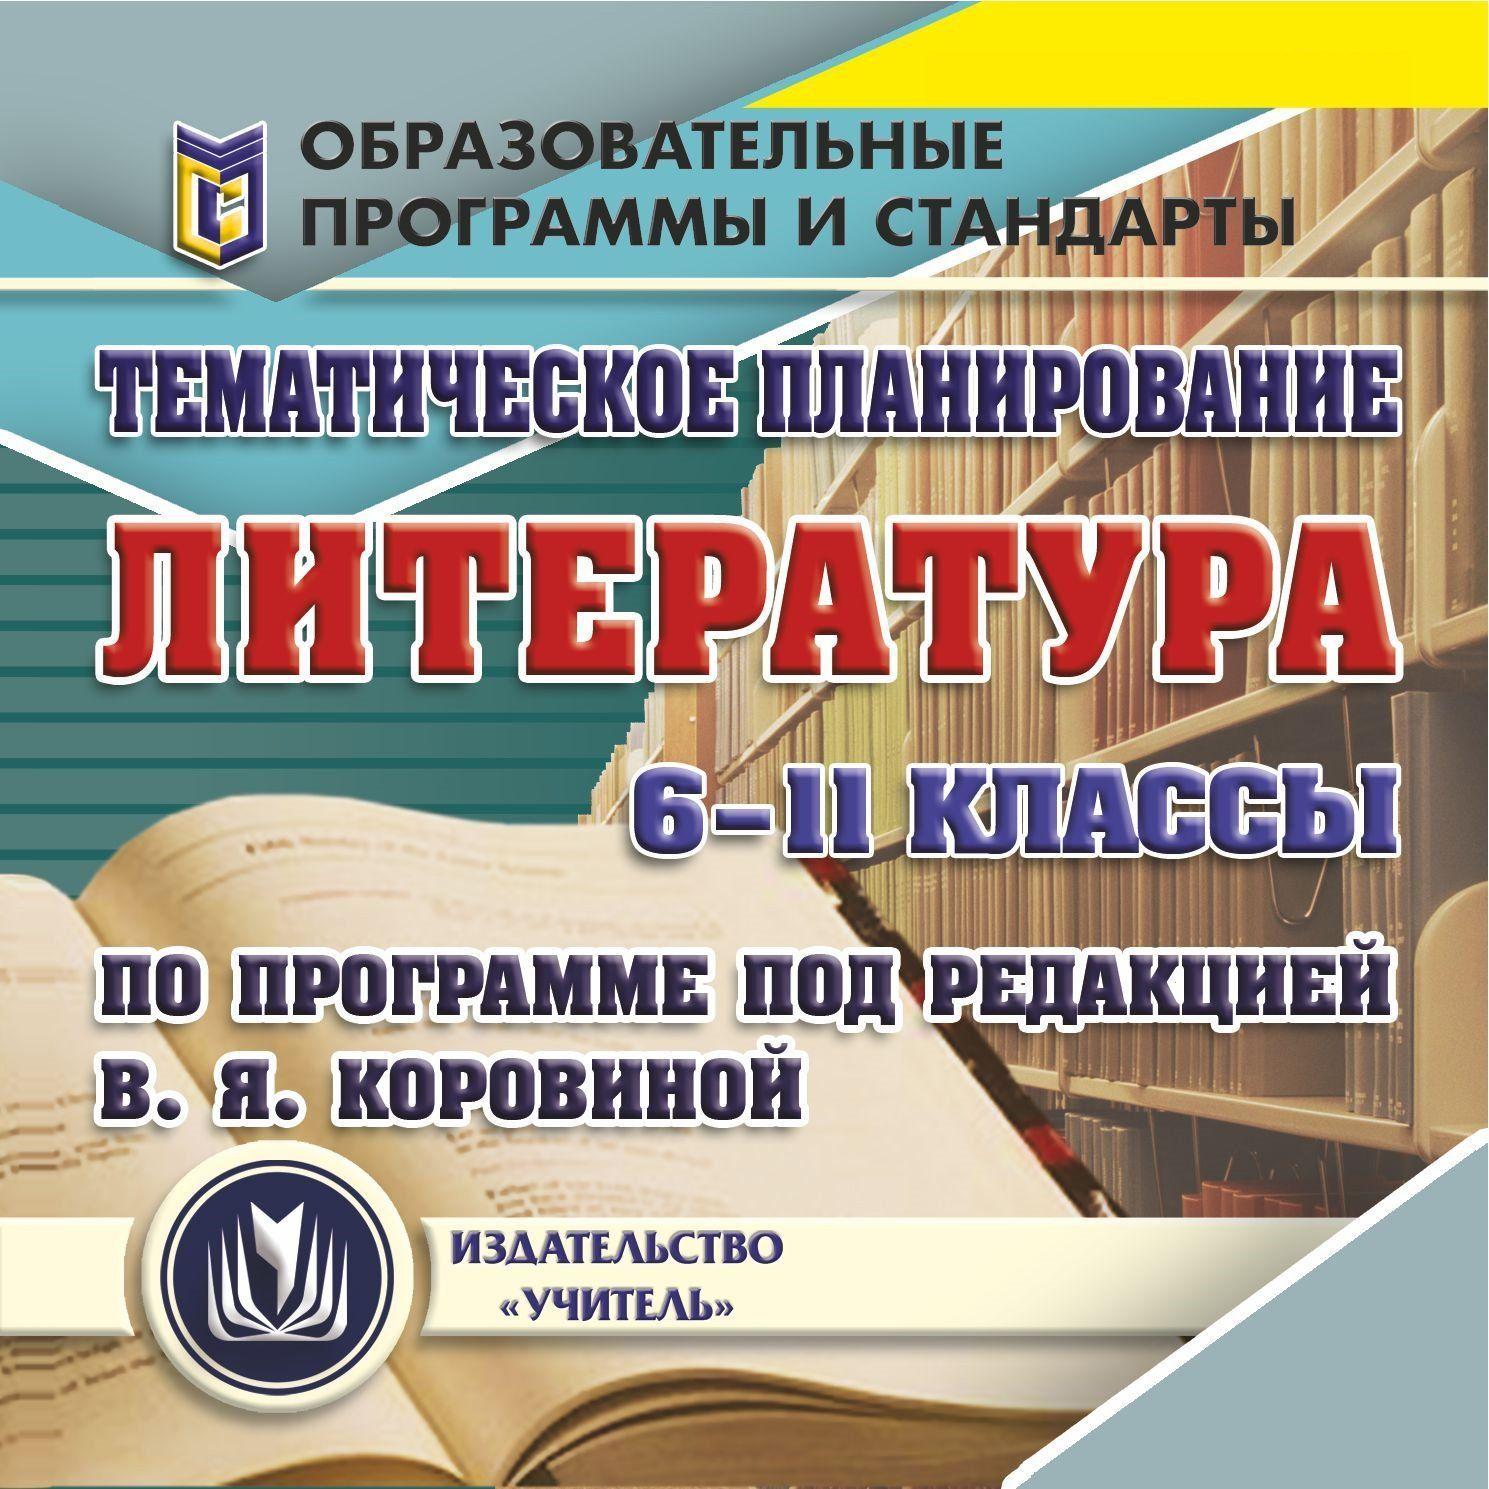 Тематическое планирование. Литература. 6-11 классы (по программе под редакцией В. Я. Коровиной). Программа для установки через Интернет